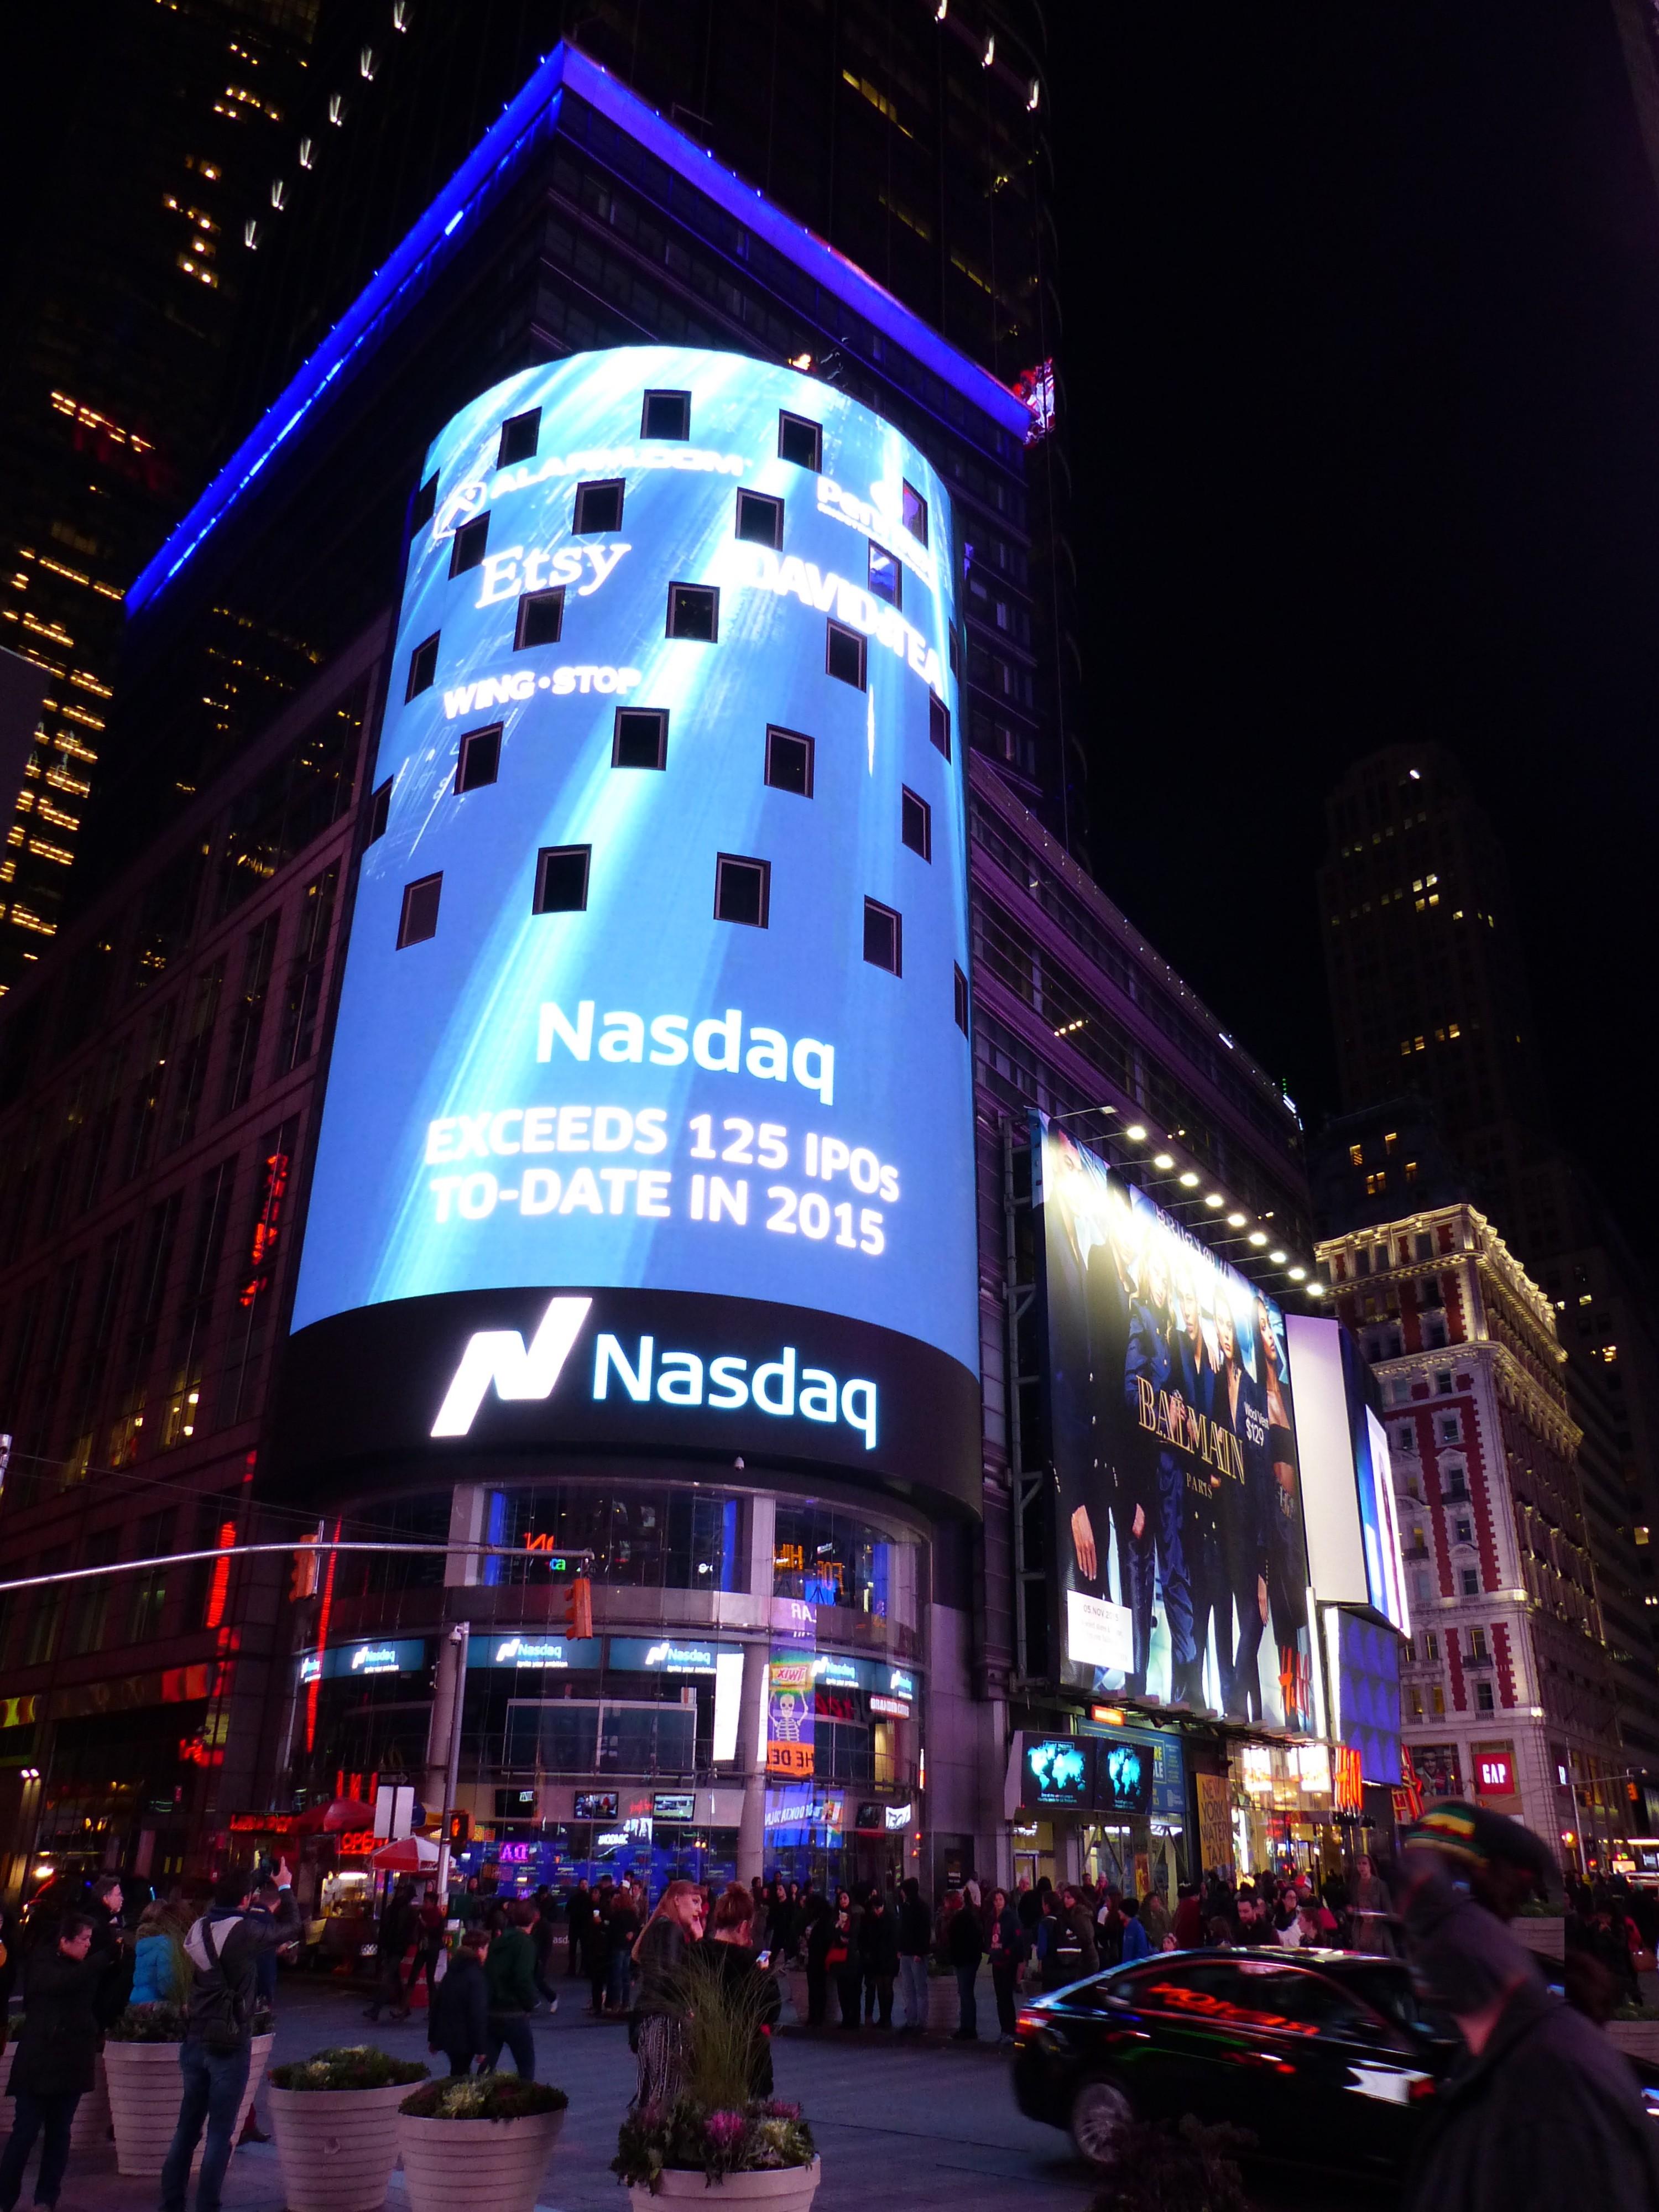 Nasdaq MarketSite - Wikipedia